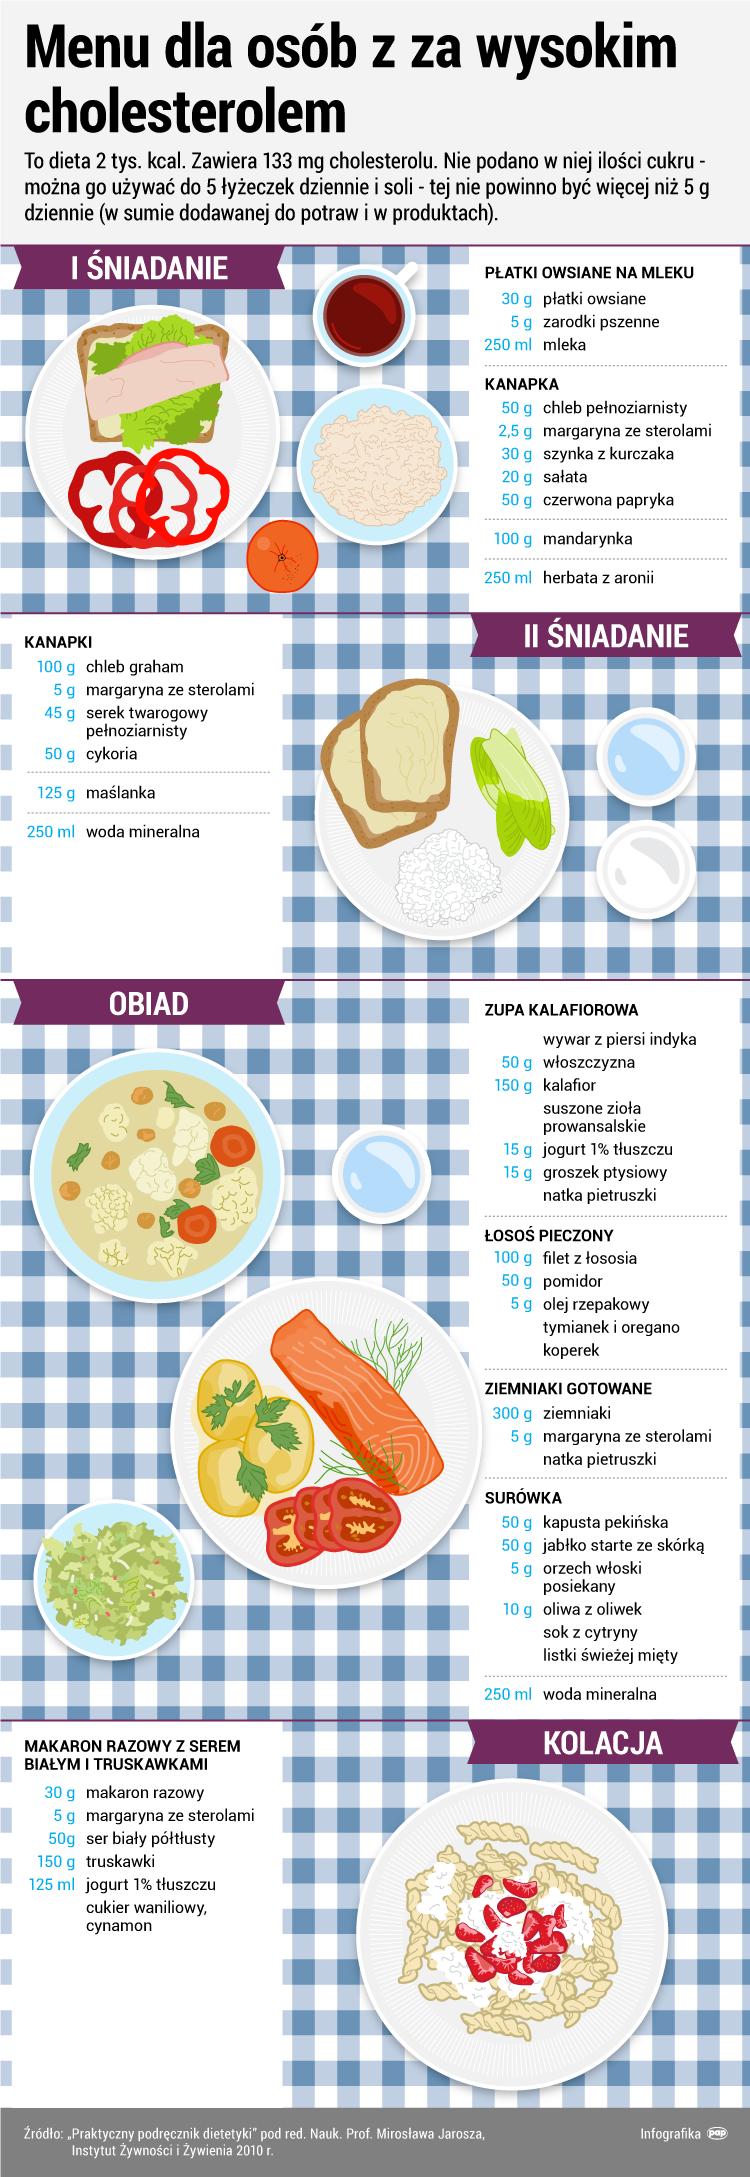 Menu Na Obnizenie Cholesterolu Serwis Zdrowie